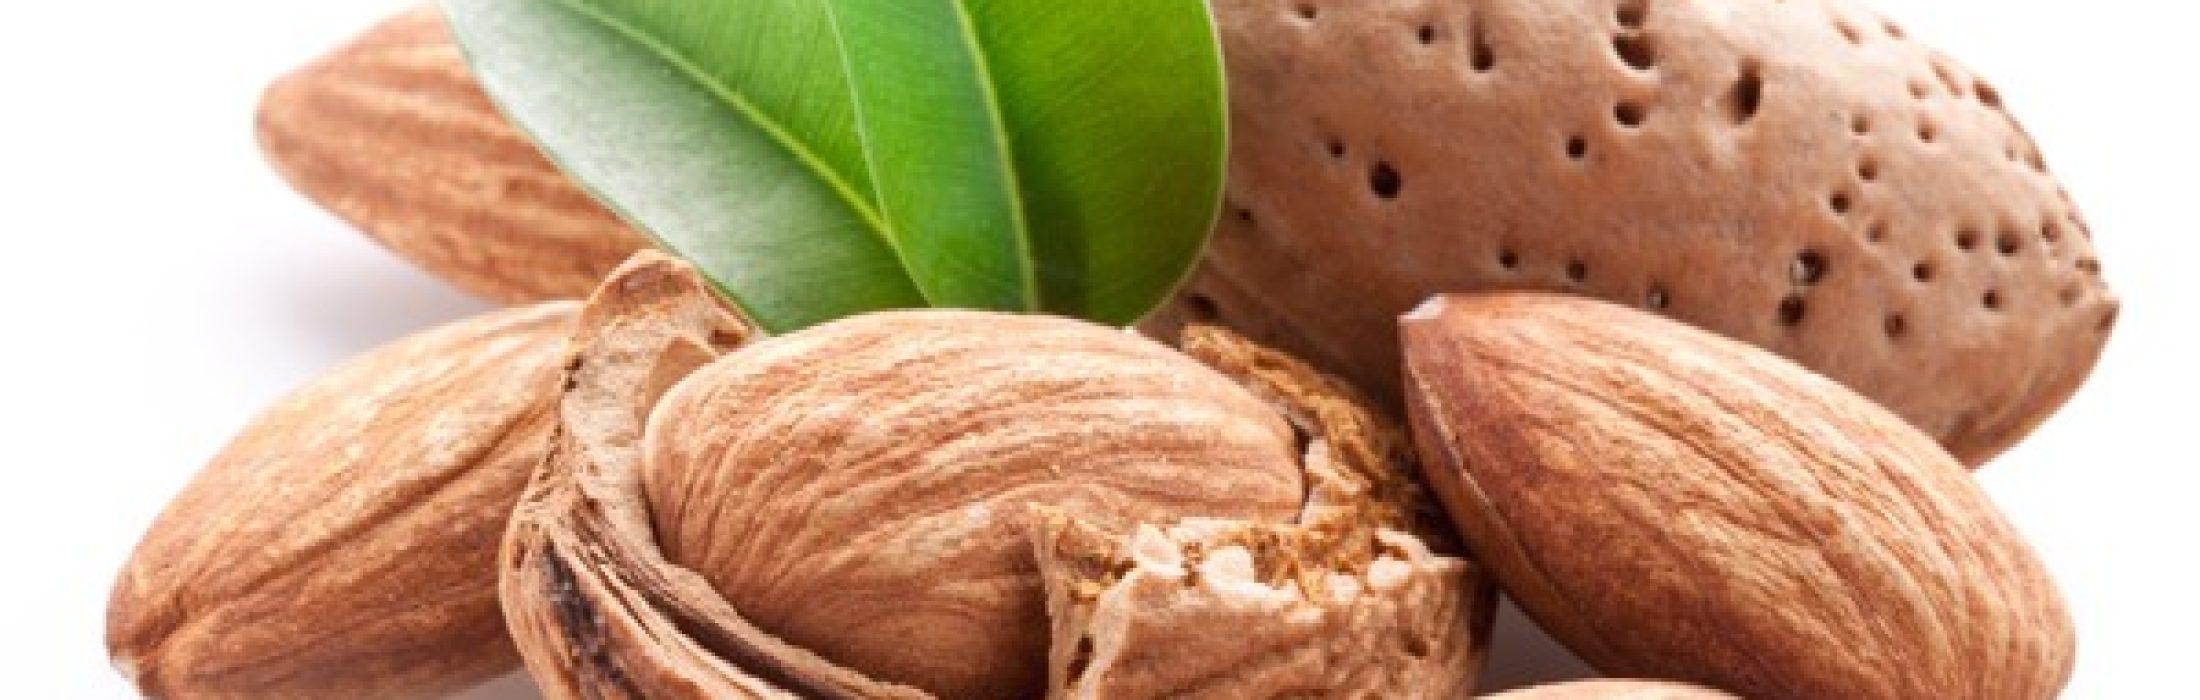 esencia-de-almendras-aromatica